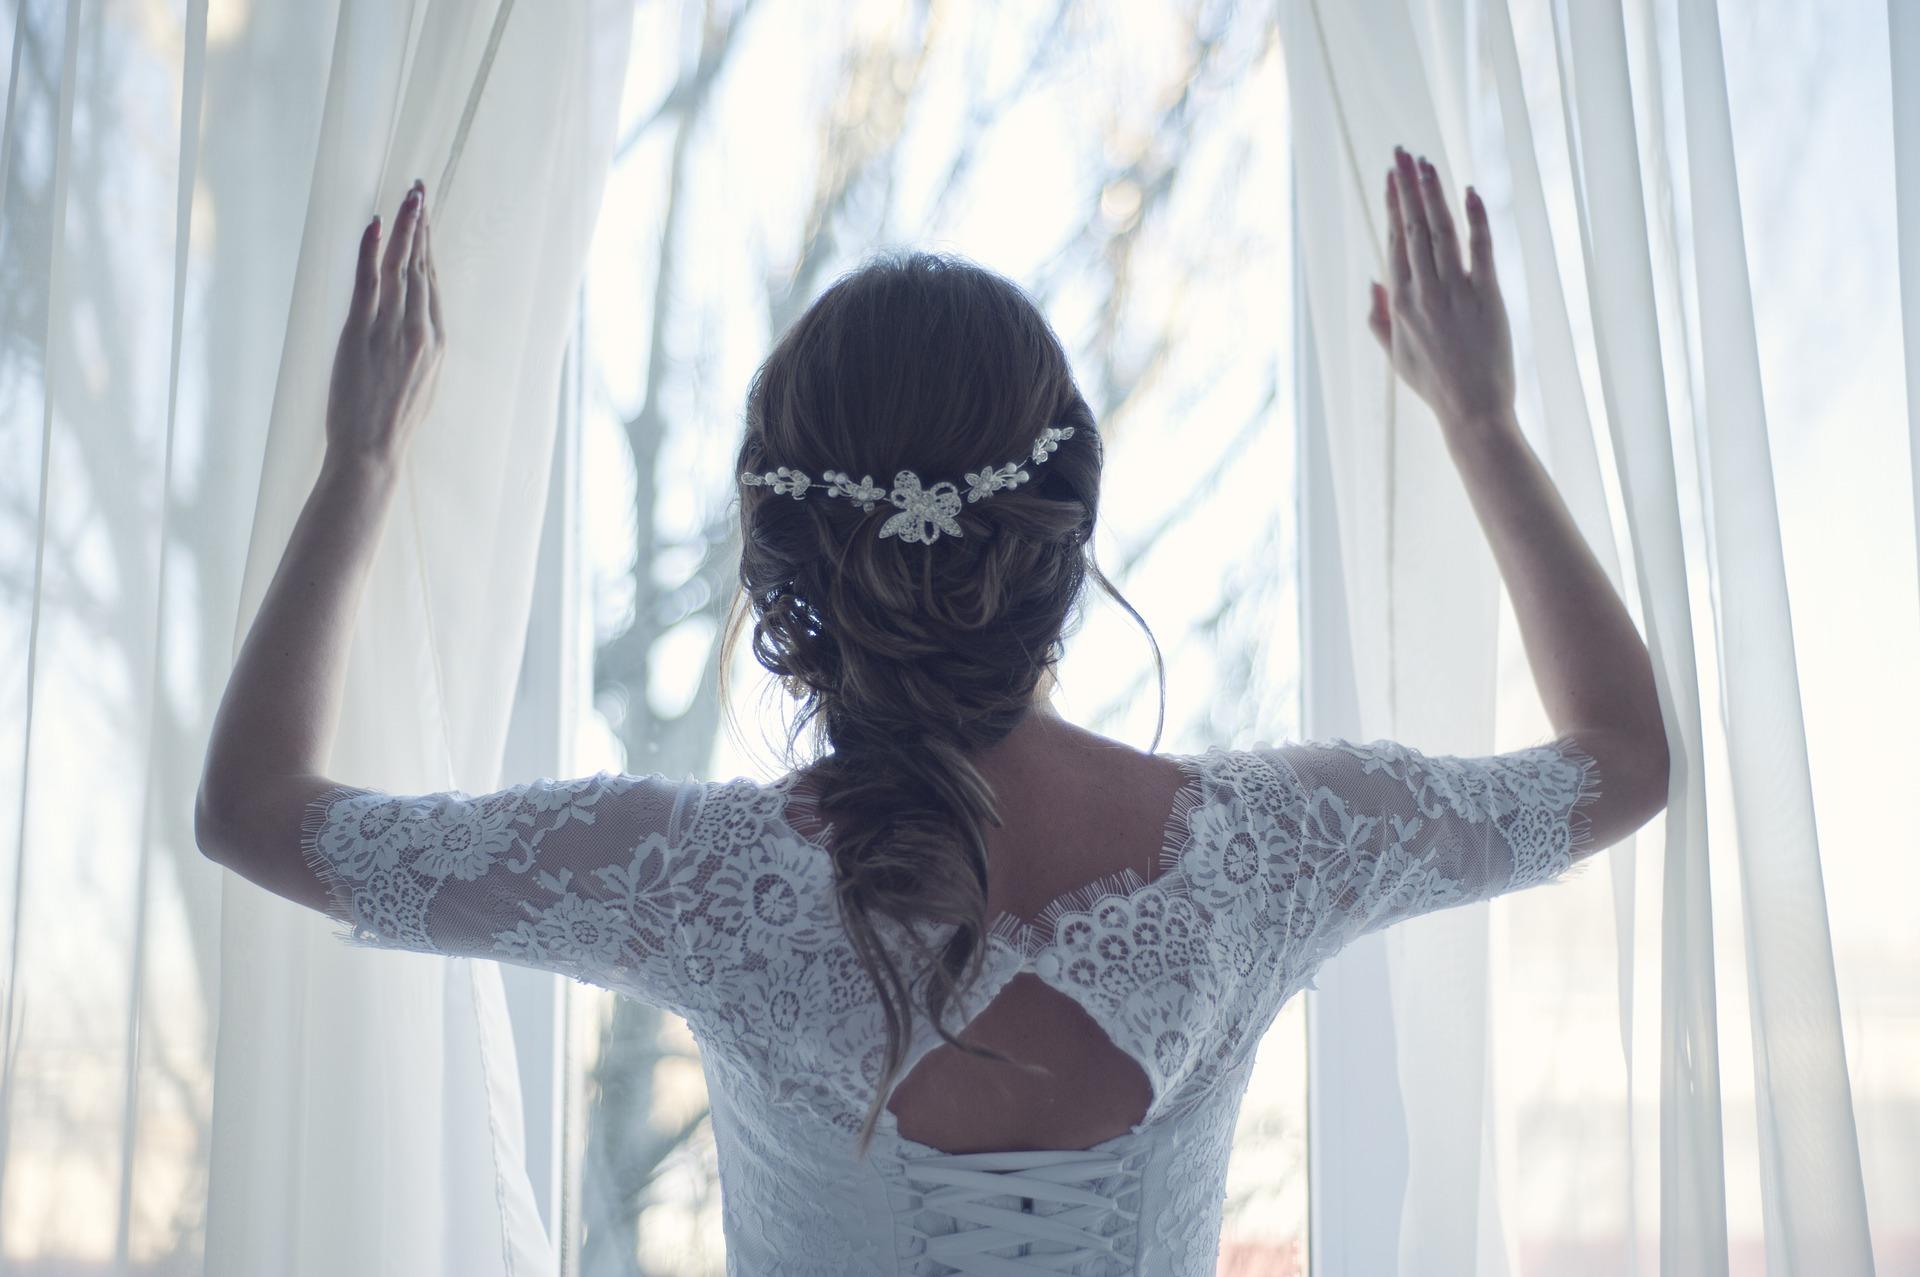 Le Spécialiste du nettoyage de la Robe de Mariée depuis 1981